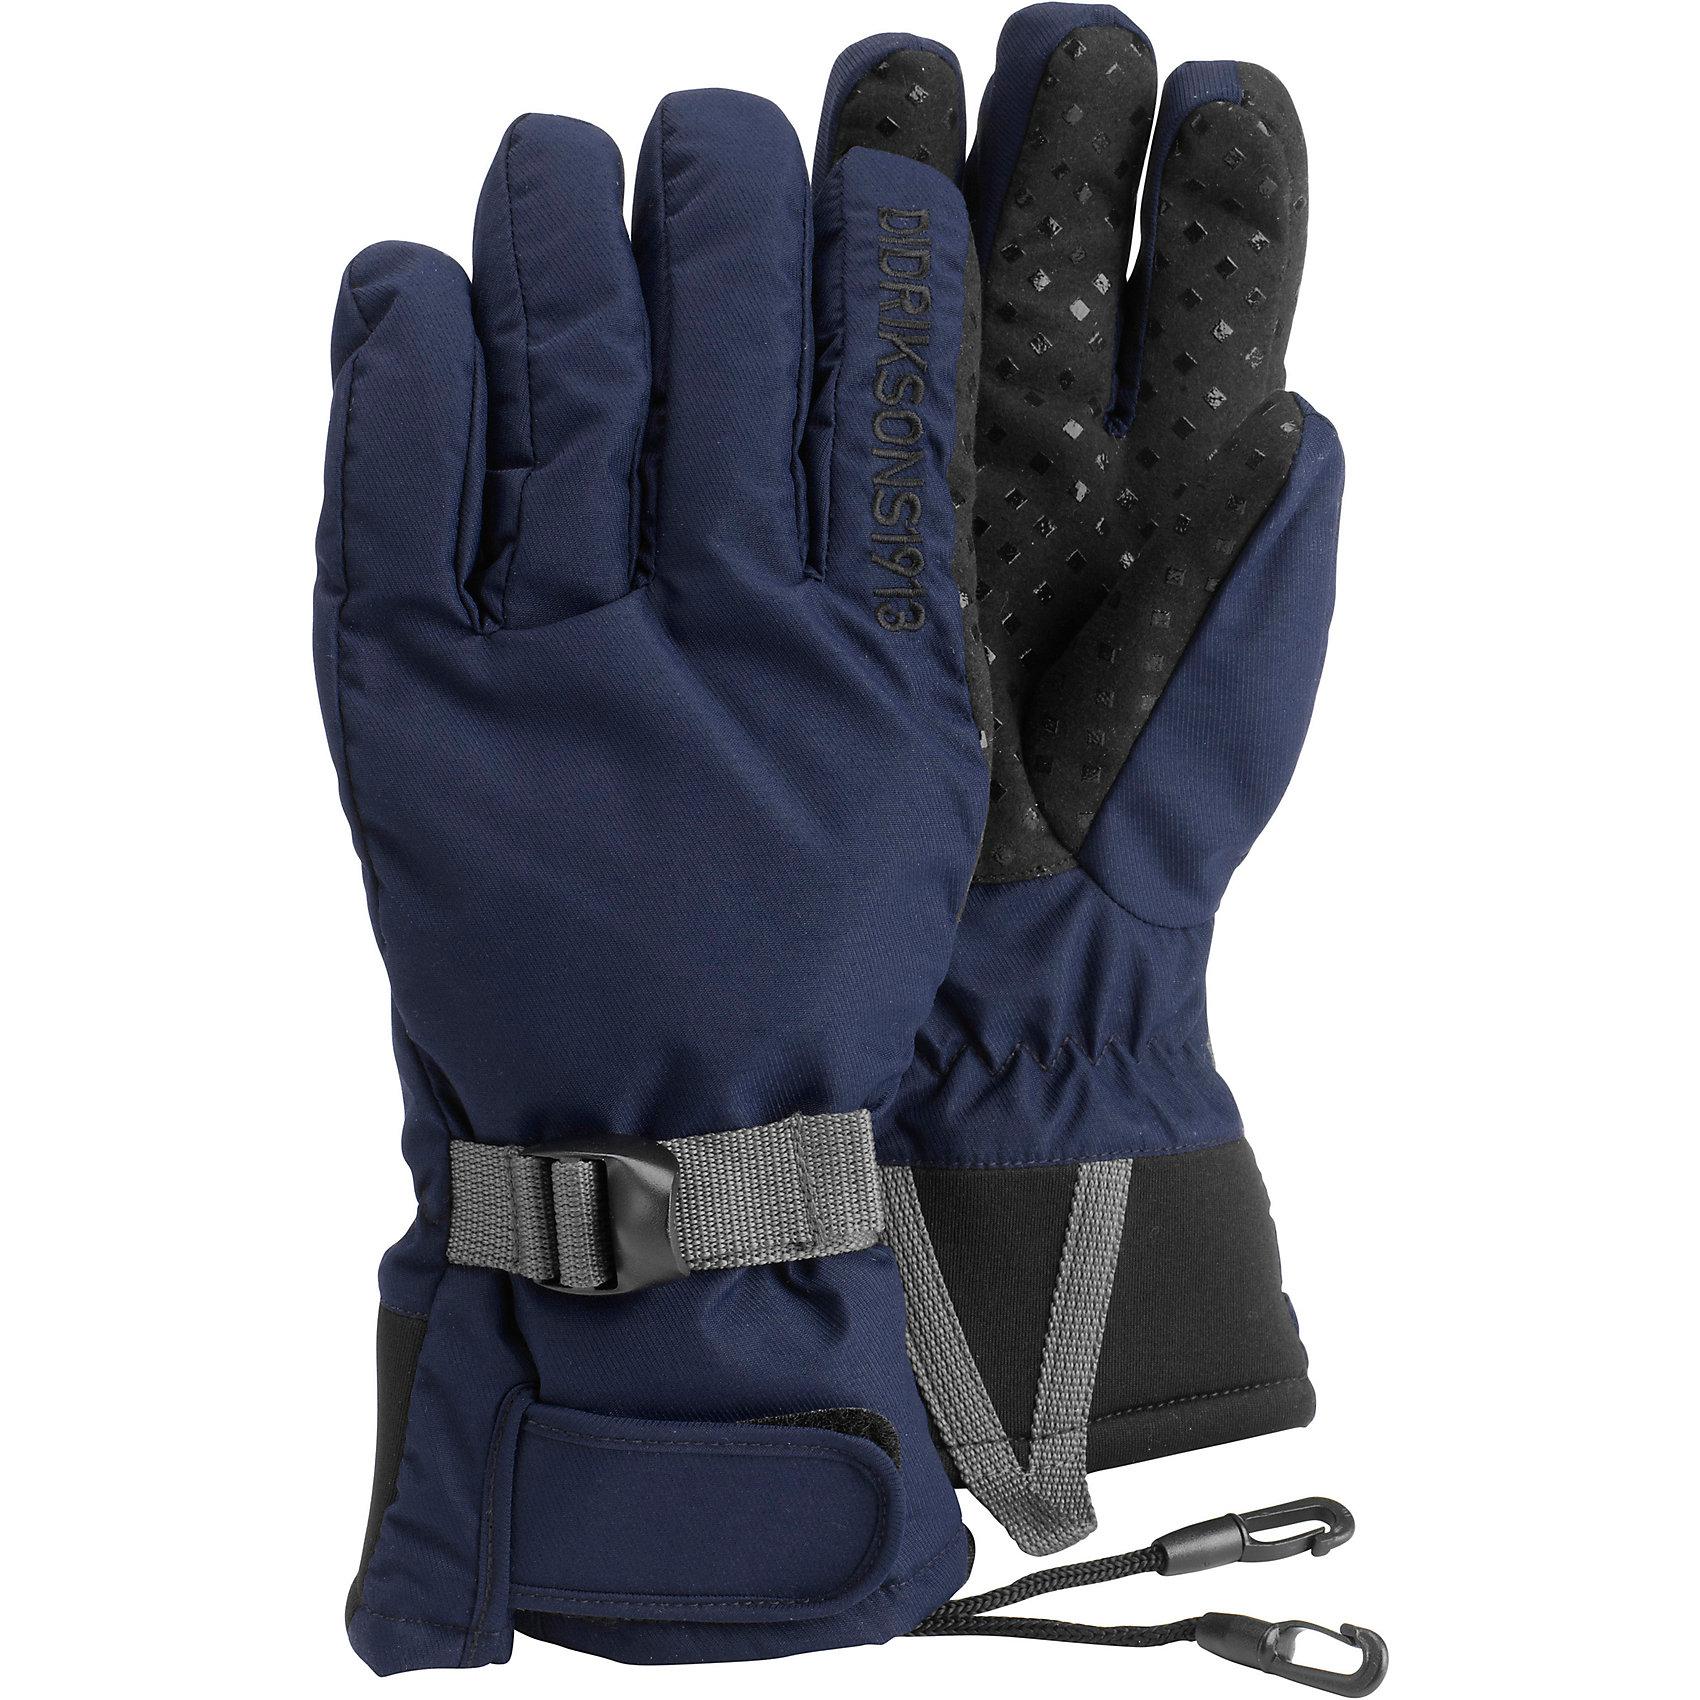 Перчатки Five DIDRIKSONSПерчатки, варежки<br>Характеристики товара:<br><br>• цвет: голубой<br>• материал: 100% полиамид, подкладка 100% полиэстер<br>• утеплитель: 60 г/м<br>• сезон: зима<br>• температурный режим от +5 до -20С<br>• непромокаемая и непродуваемая мембранная ткань<br>• подкладка из флиса<br>• регуляторы объема<br>• шнур для пристегивания<br>• внутренняя сторона отделана прорезиненной тканью против скольжения<br>• страна бренда: Швеция<br>• страна производства: Китай<br><br>Такие теплые перчатки обязательно нужны ребенку, который собирается наслаждаться зимним отдыхом! Это не только стильно, но еще и очень комфортно, а также тепло. Эти качественные перчатки обеспечат ребенку удобство при прогулках и активном отдыхе зимой. Такая модель от шведского производителя отлично смотрится с разной верхней одеждой.<br>Перчатки сшиты из мембранной ткани, которая позволяет телу дышать, но при этом не промокает и не продувается. Очень стильная и удобная модель! Изделие качественно выполнено, сделано из безопасных для детей материалов. <br><br>Перчатки от бренда DIDRIKSONS можно купить в нашем интернет-магазине.<br><br>Ширина мм: 162<br>Глубина мм: 171<br>Высота мм: 55<br>Вес г: 119<br>Цвет: голубой<br>Возраст от месяцев: 132<br>Возраст до месяцев: 144<br>Пол: Унисекс<br>Возраст: Детский<br>Размер: 6/7,5/6,7/8<br>SKU: 5004083